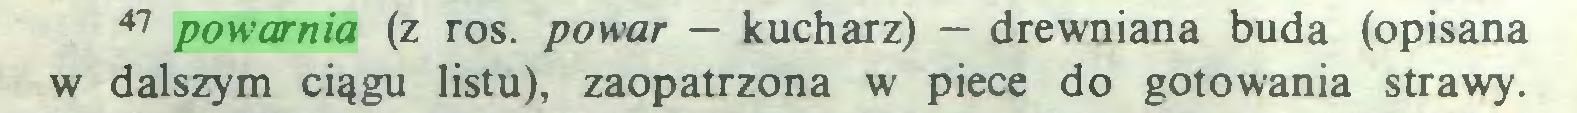 (...) 47 powarnia (z ros. powar — kucharz) — drewniana buda (opisana w dalszym ciągu listu), zaopatrzona w piece do gotowania strawy...